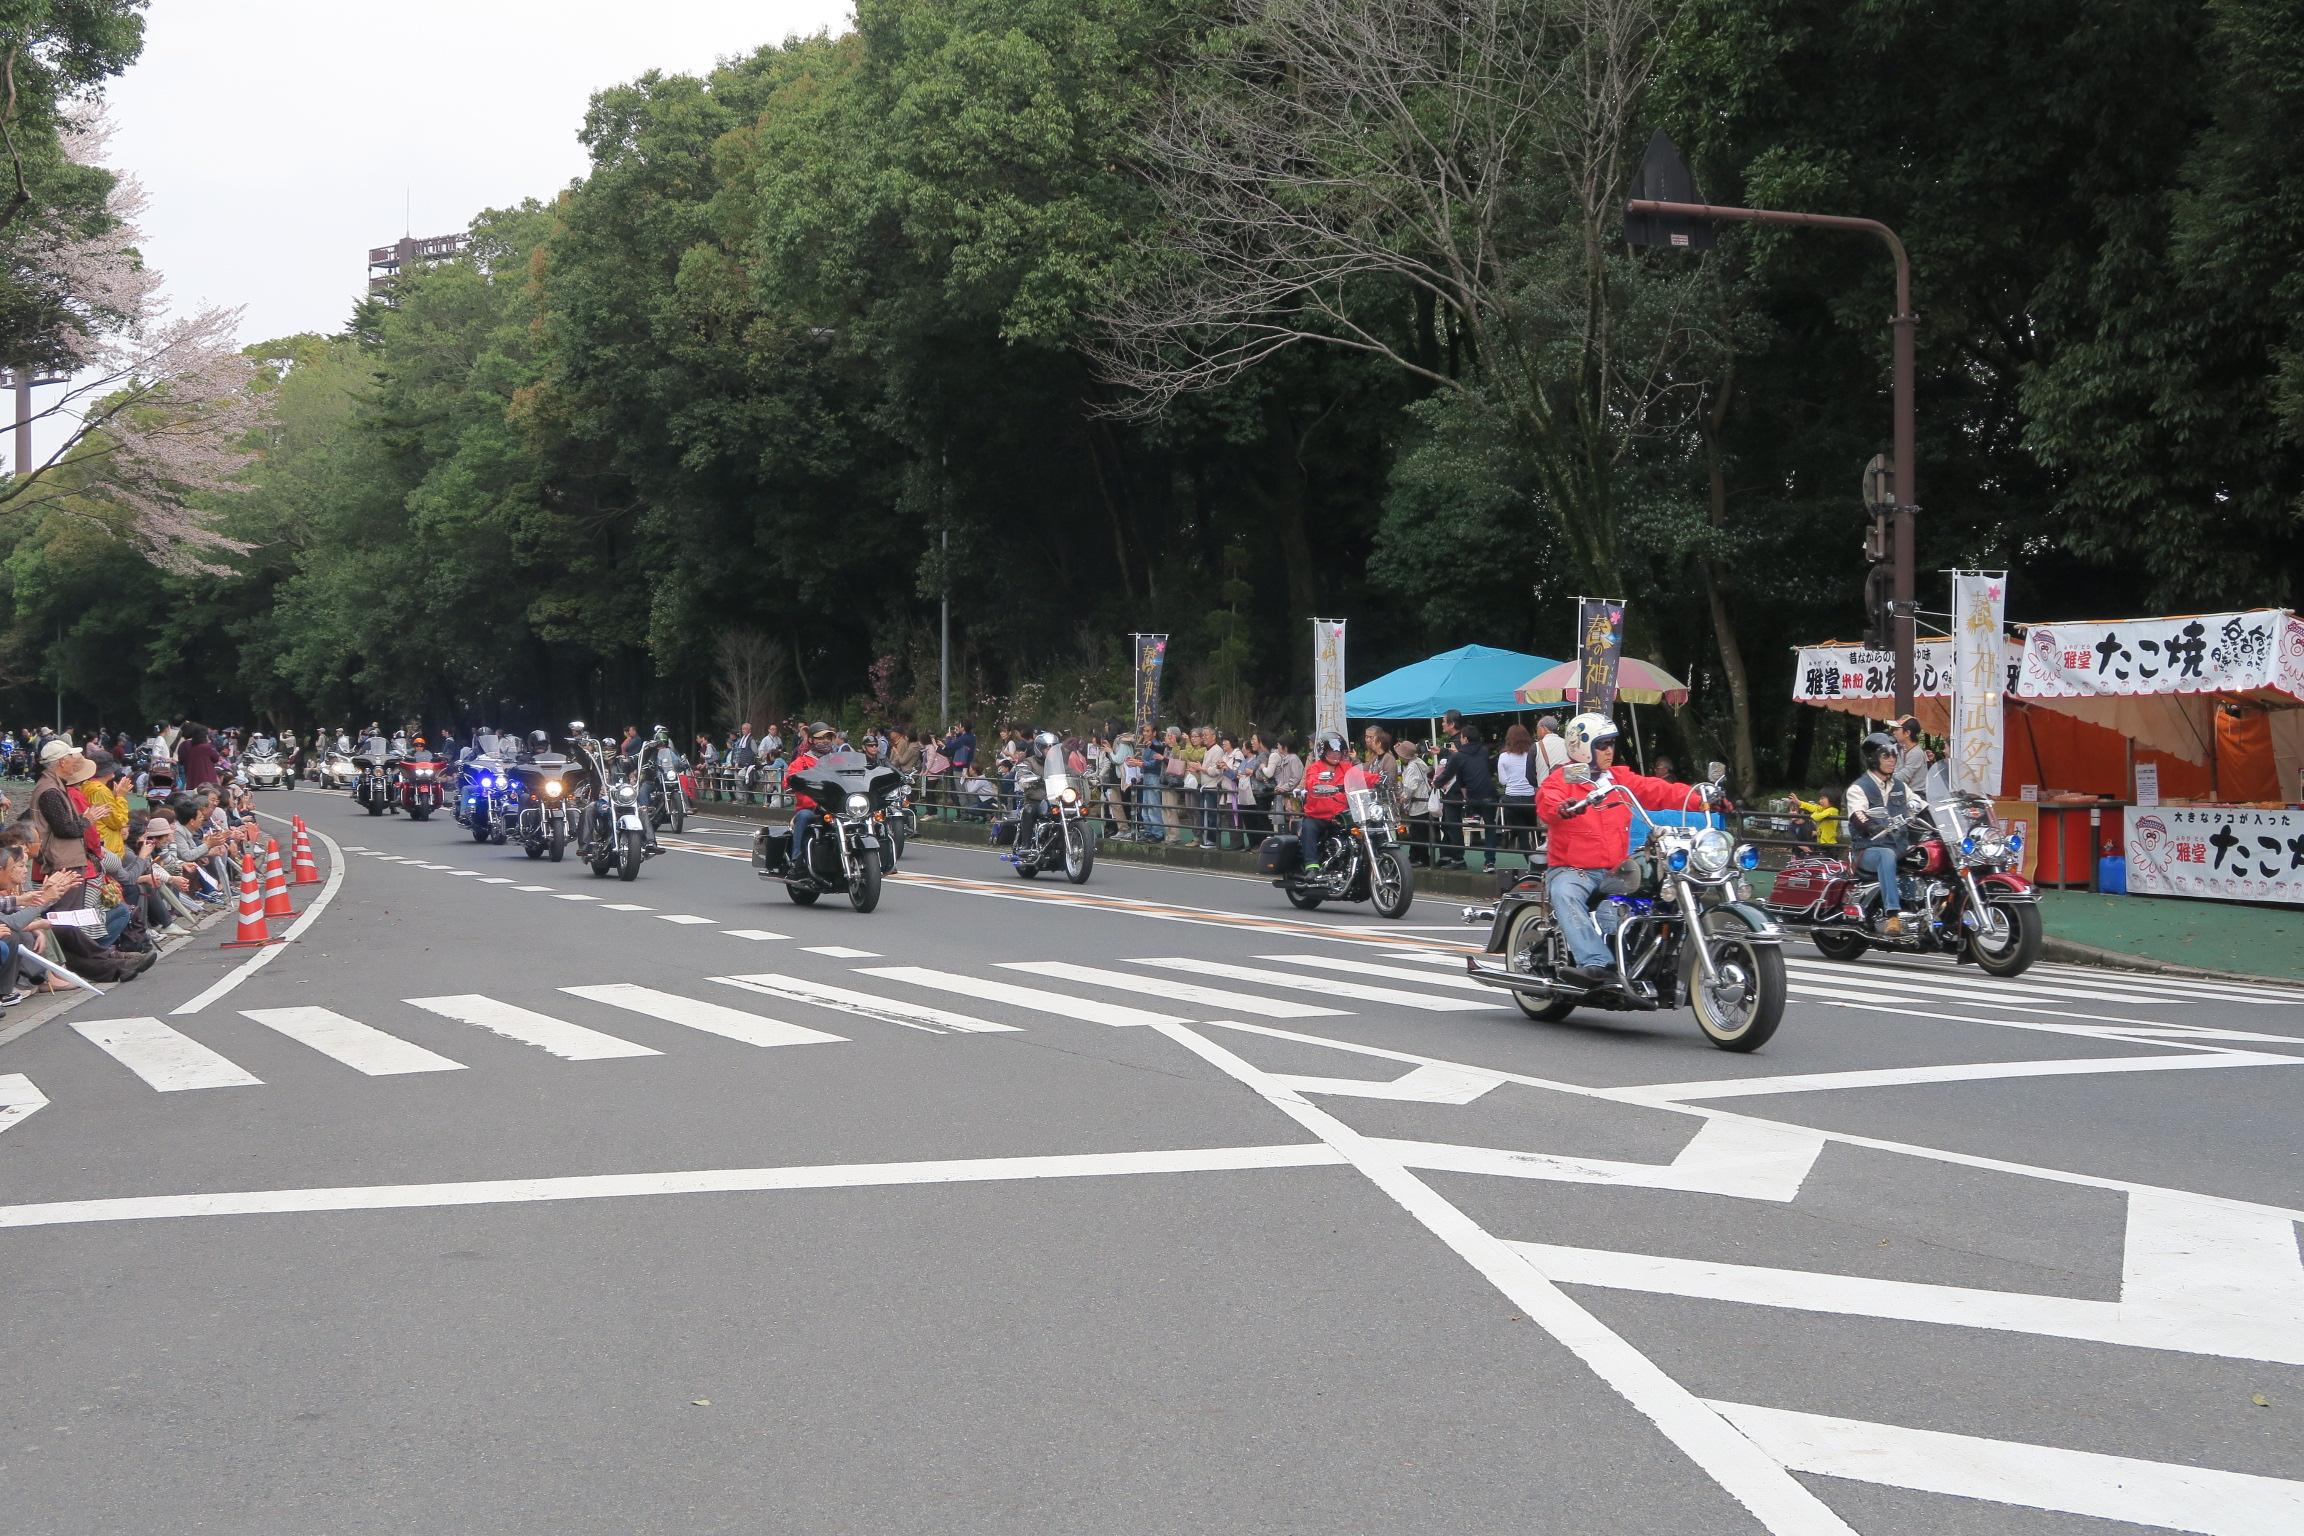 春の神武祭の参道パレード。道路を封鎖してハーレー集団が走り抜けました。